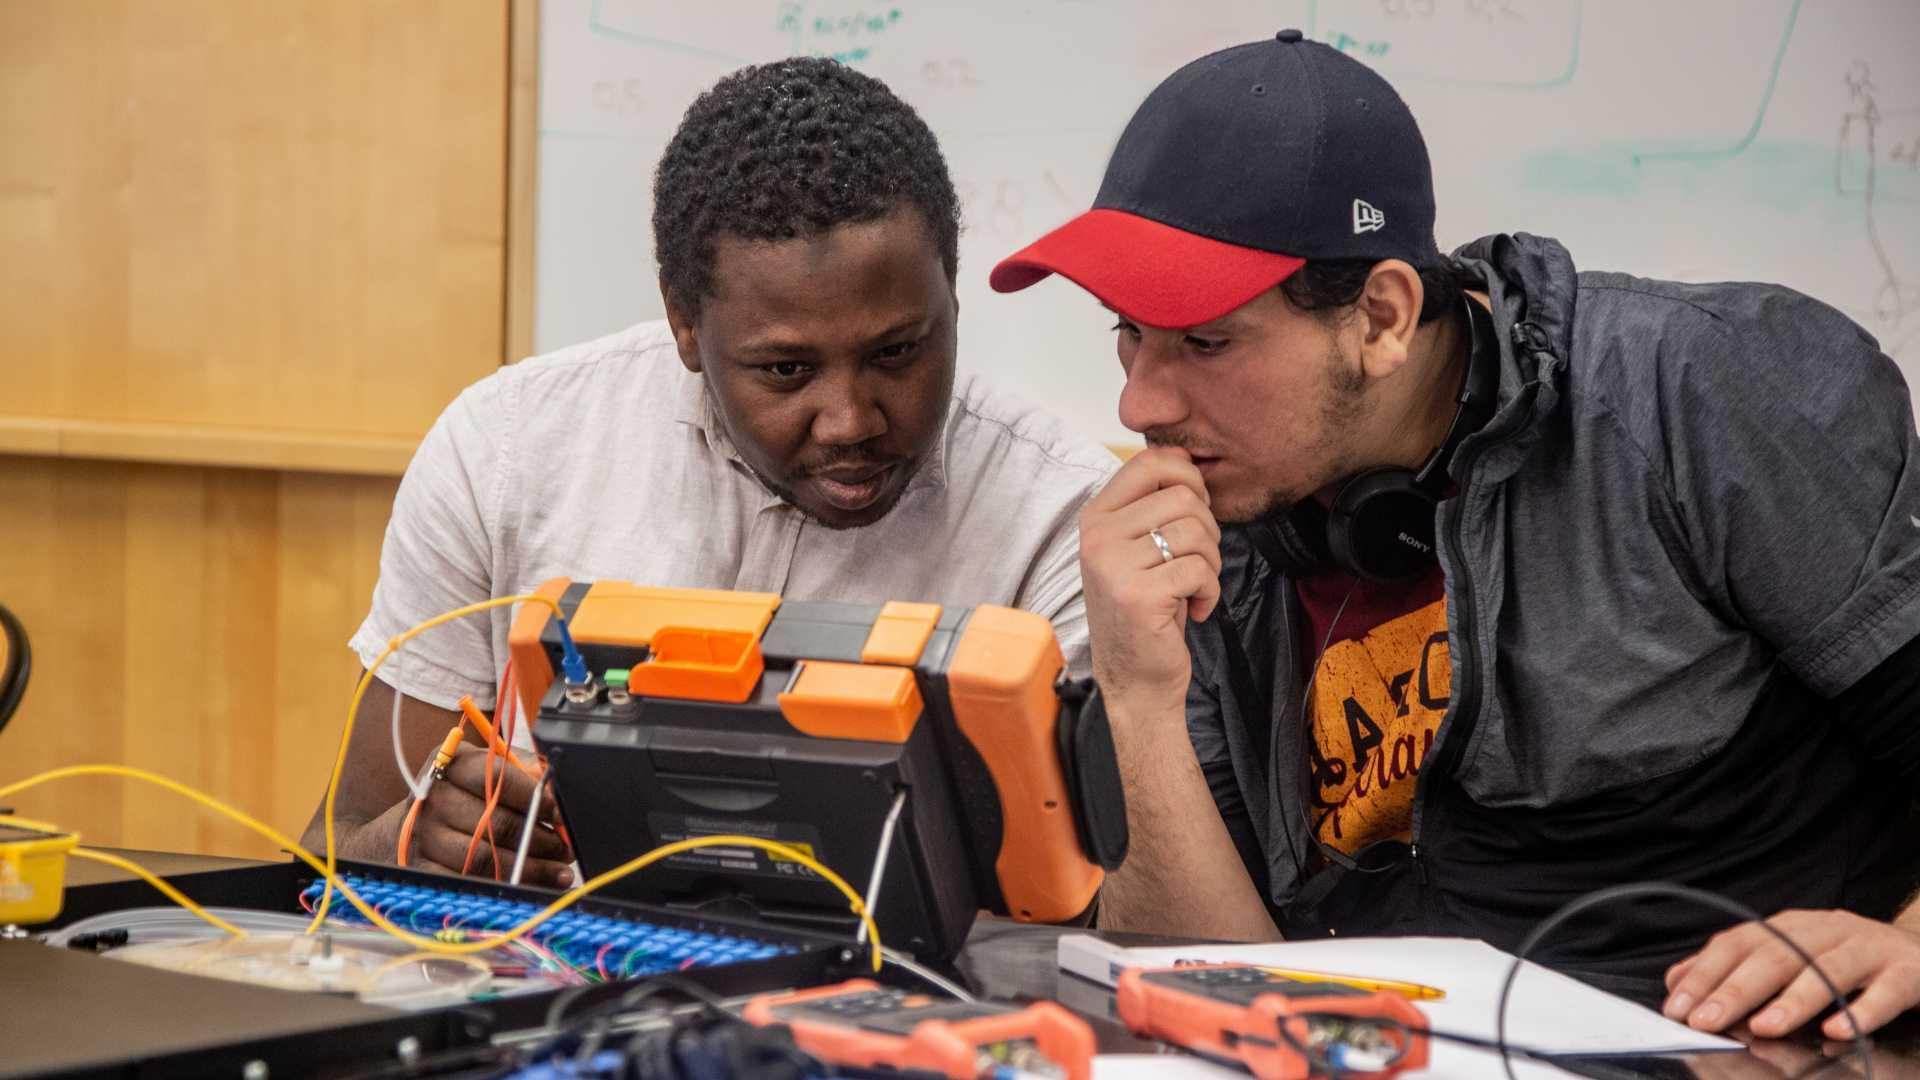 Mätkurs på YH-utbildningen Fibertekniker